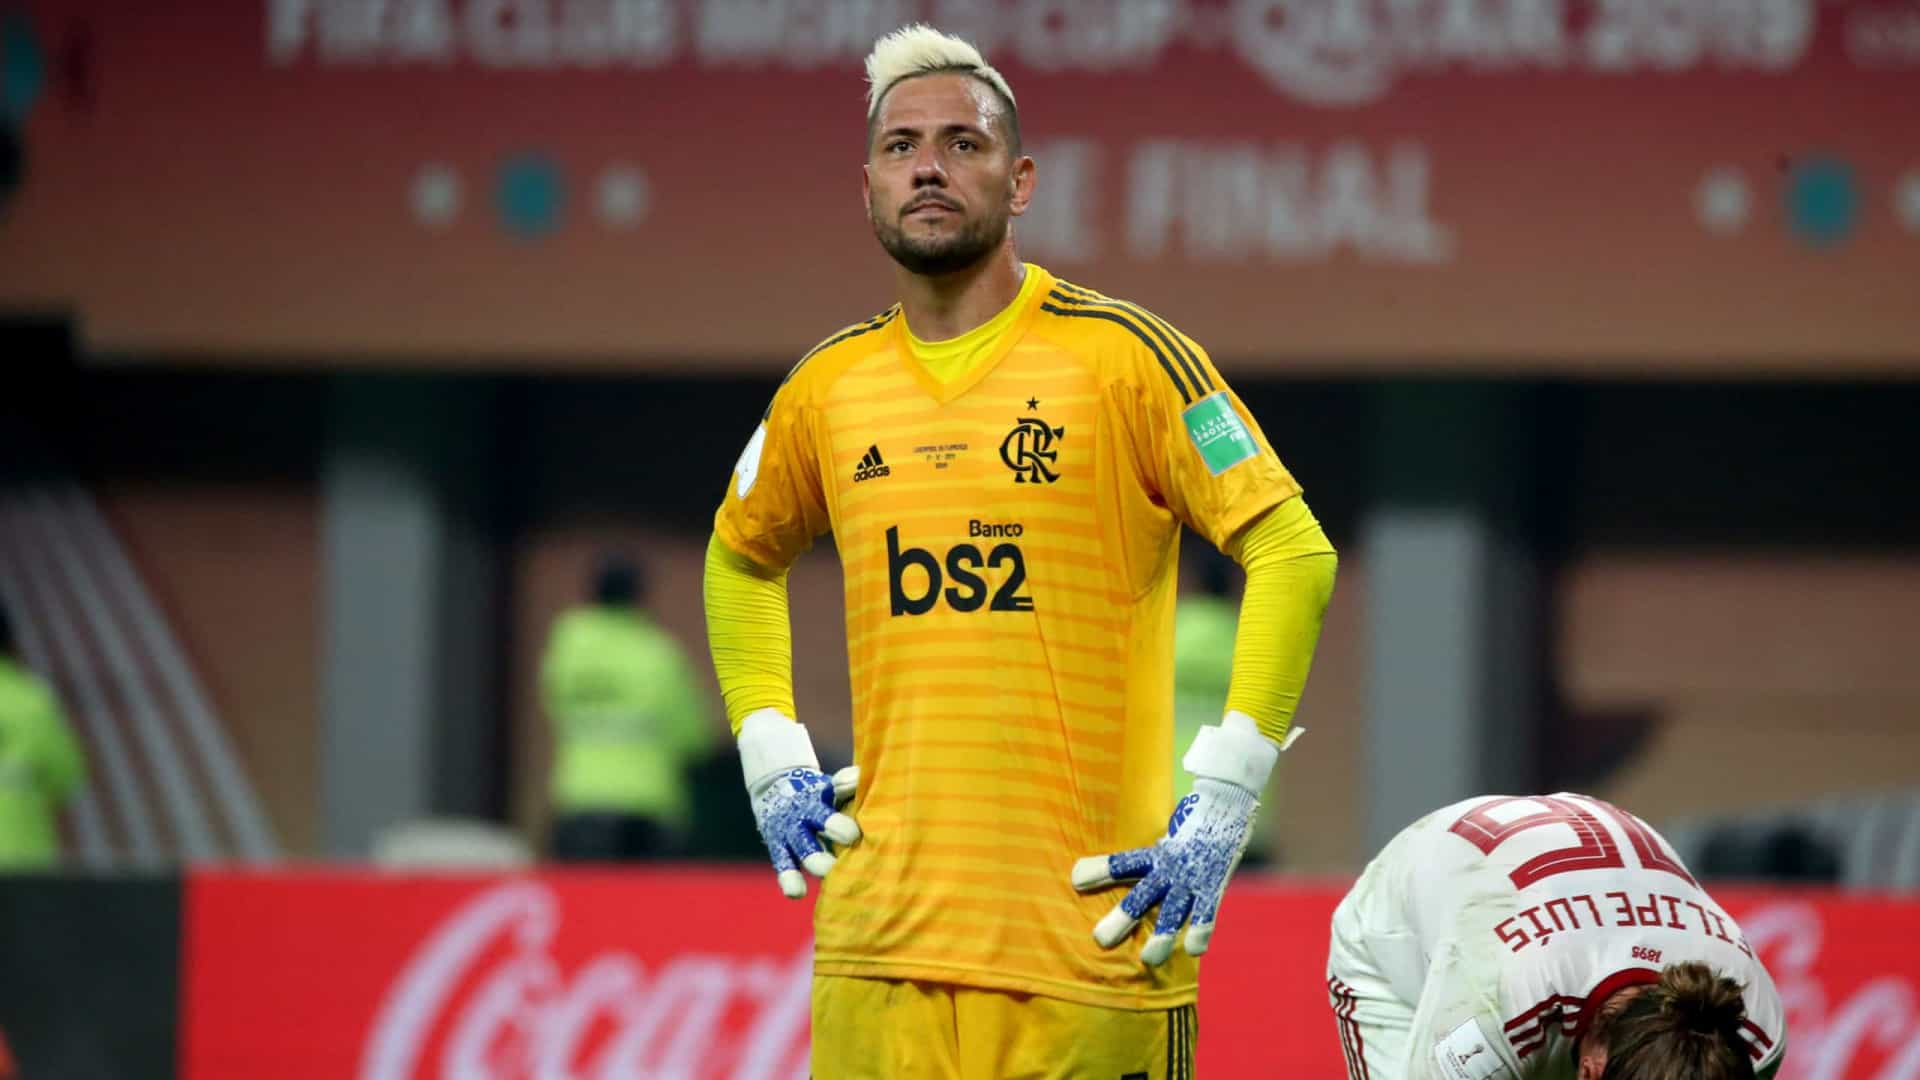 naom 5fdc7e31b9990 - Diego Alves não se recupera a tempo e desfalca o Flamengo na final do Carioca